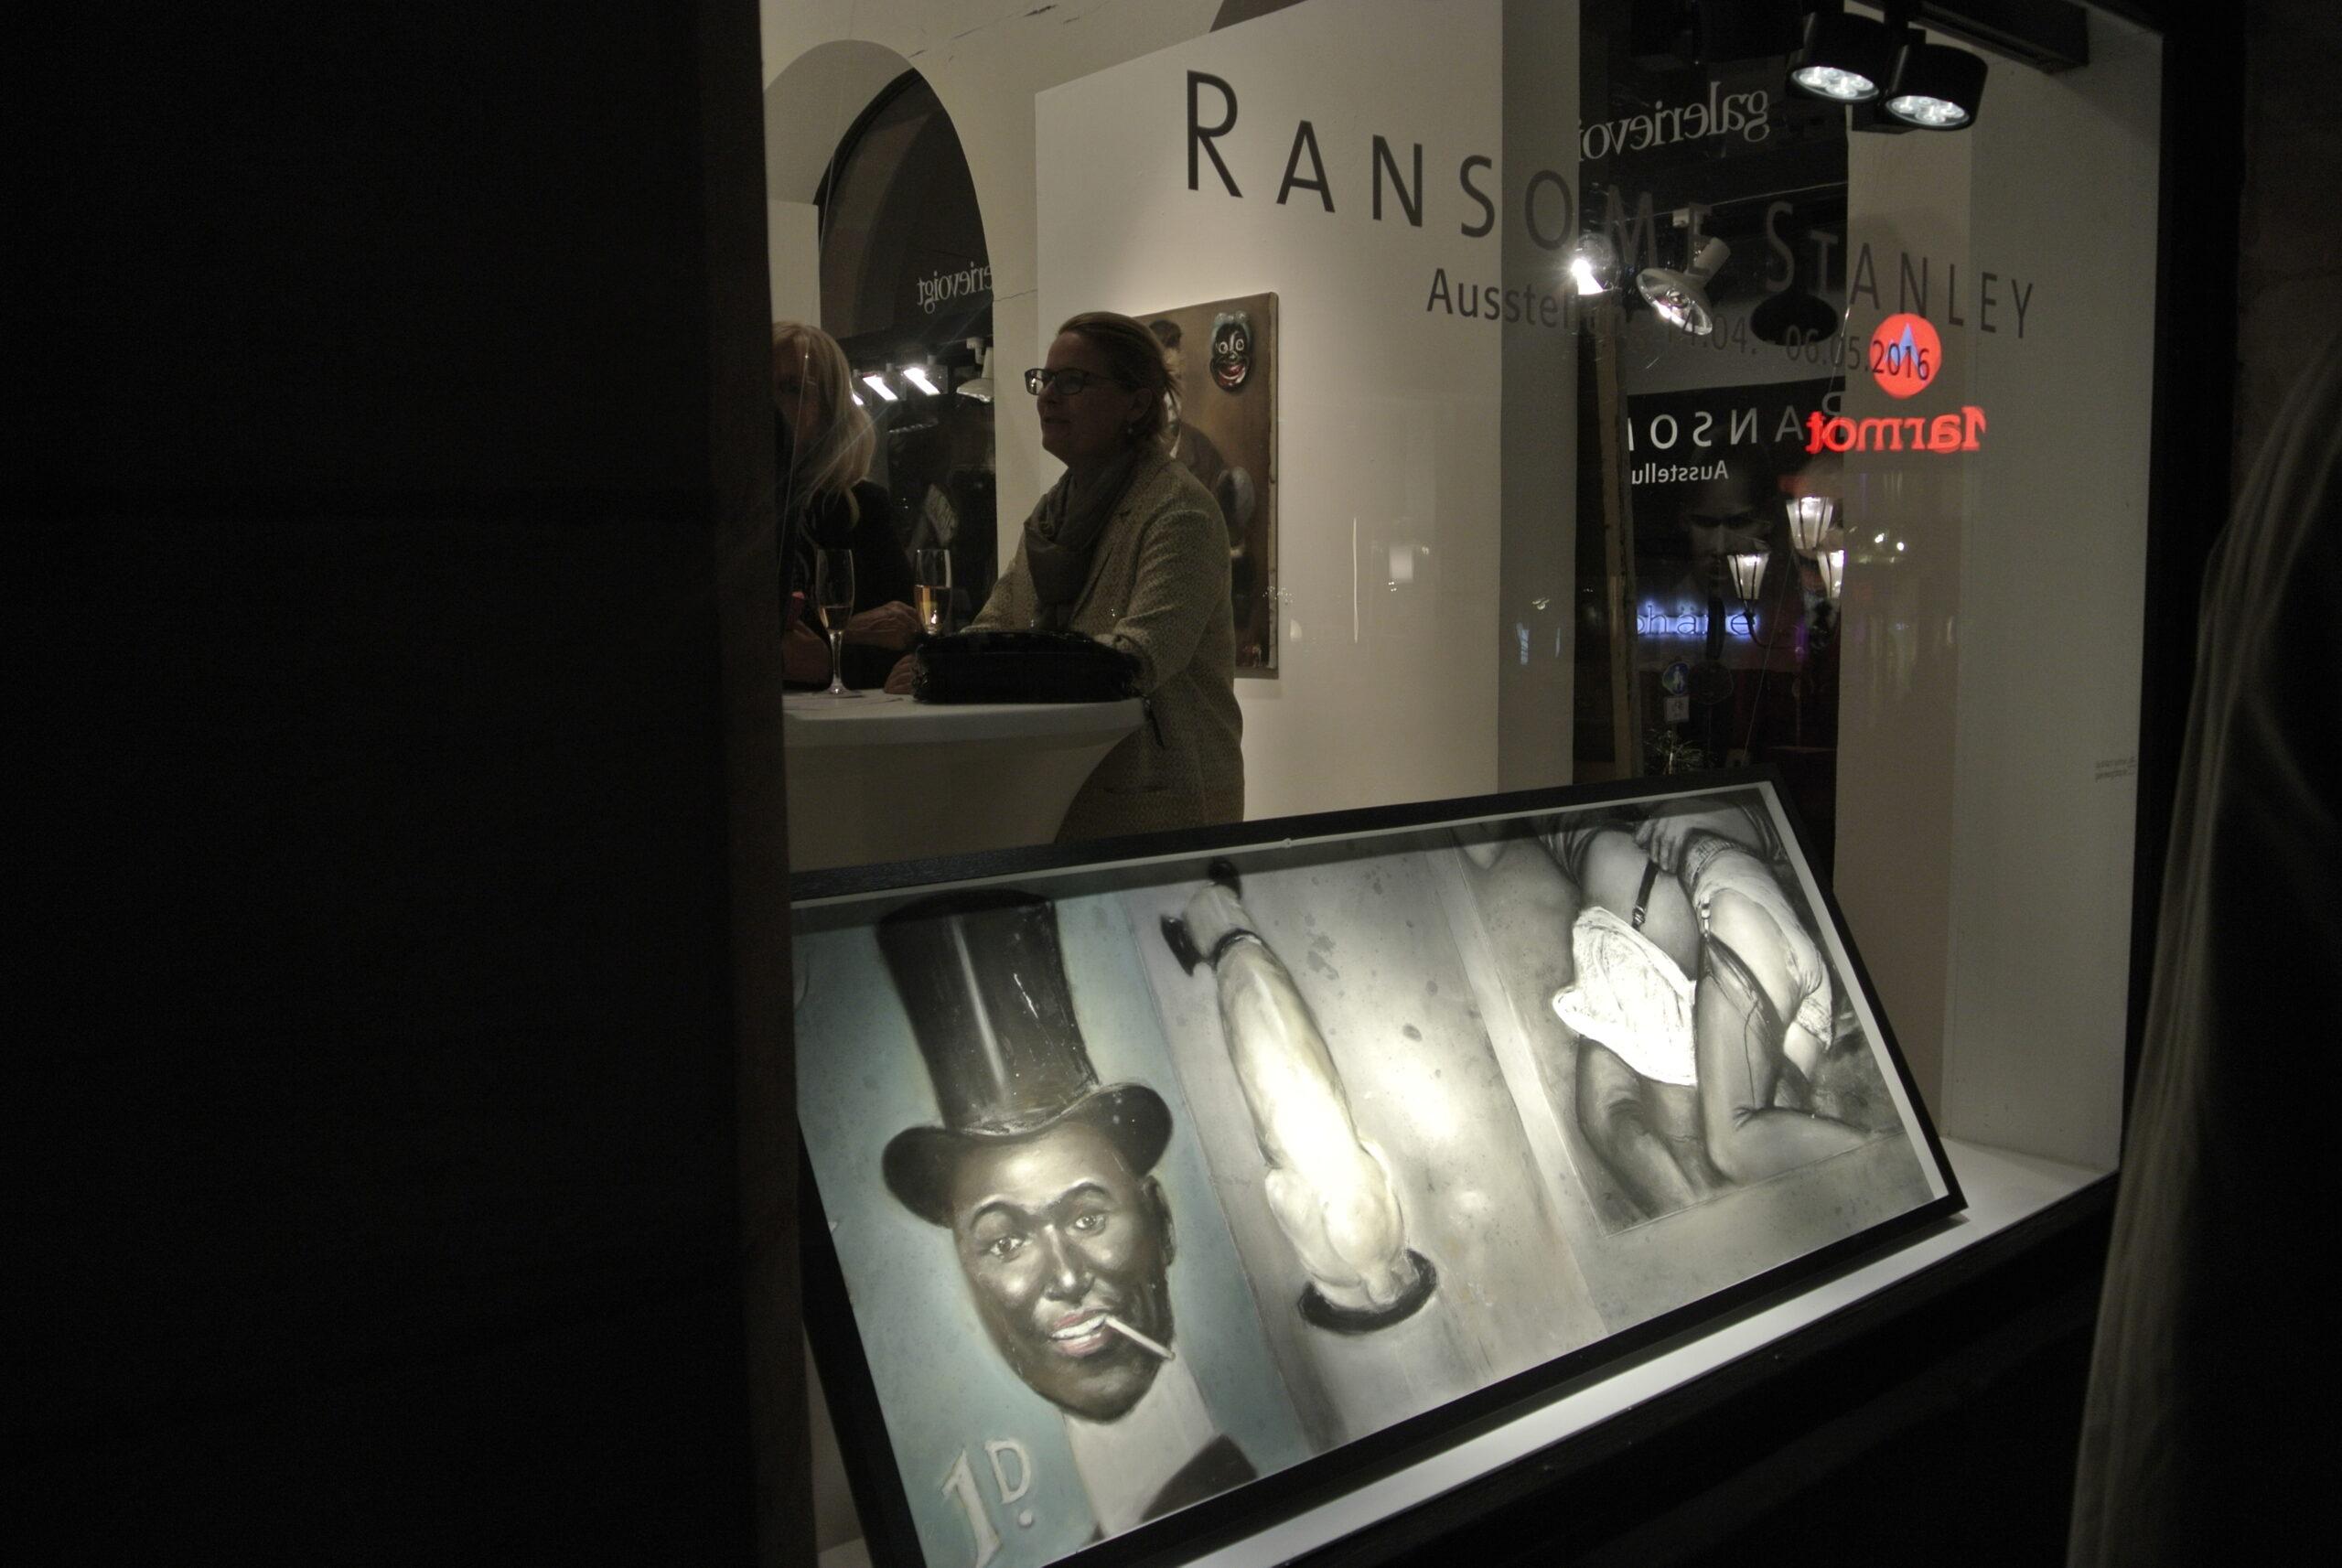 Ausstellung Ransome Stanley ©Galerie Voigt